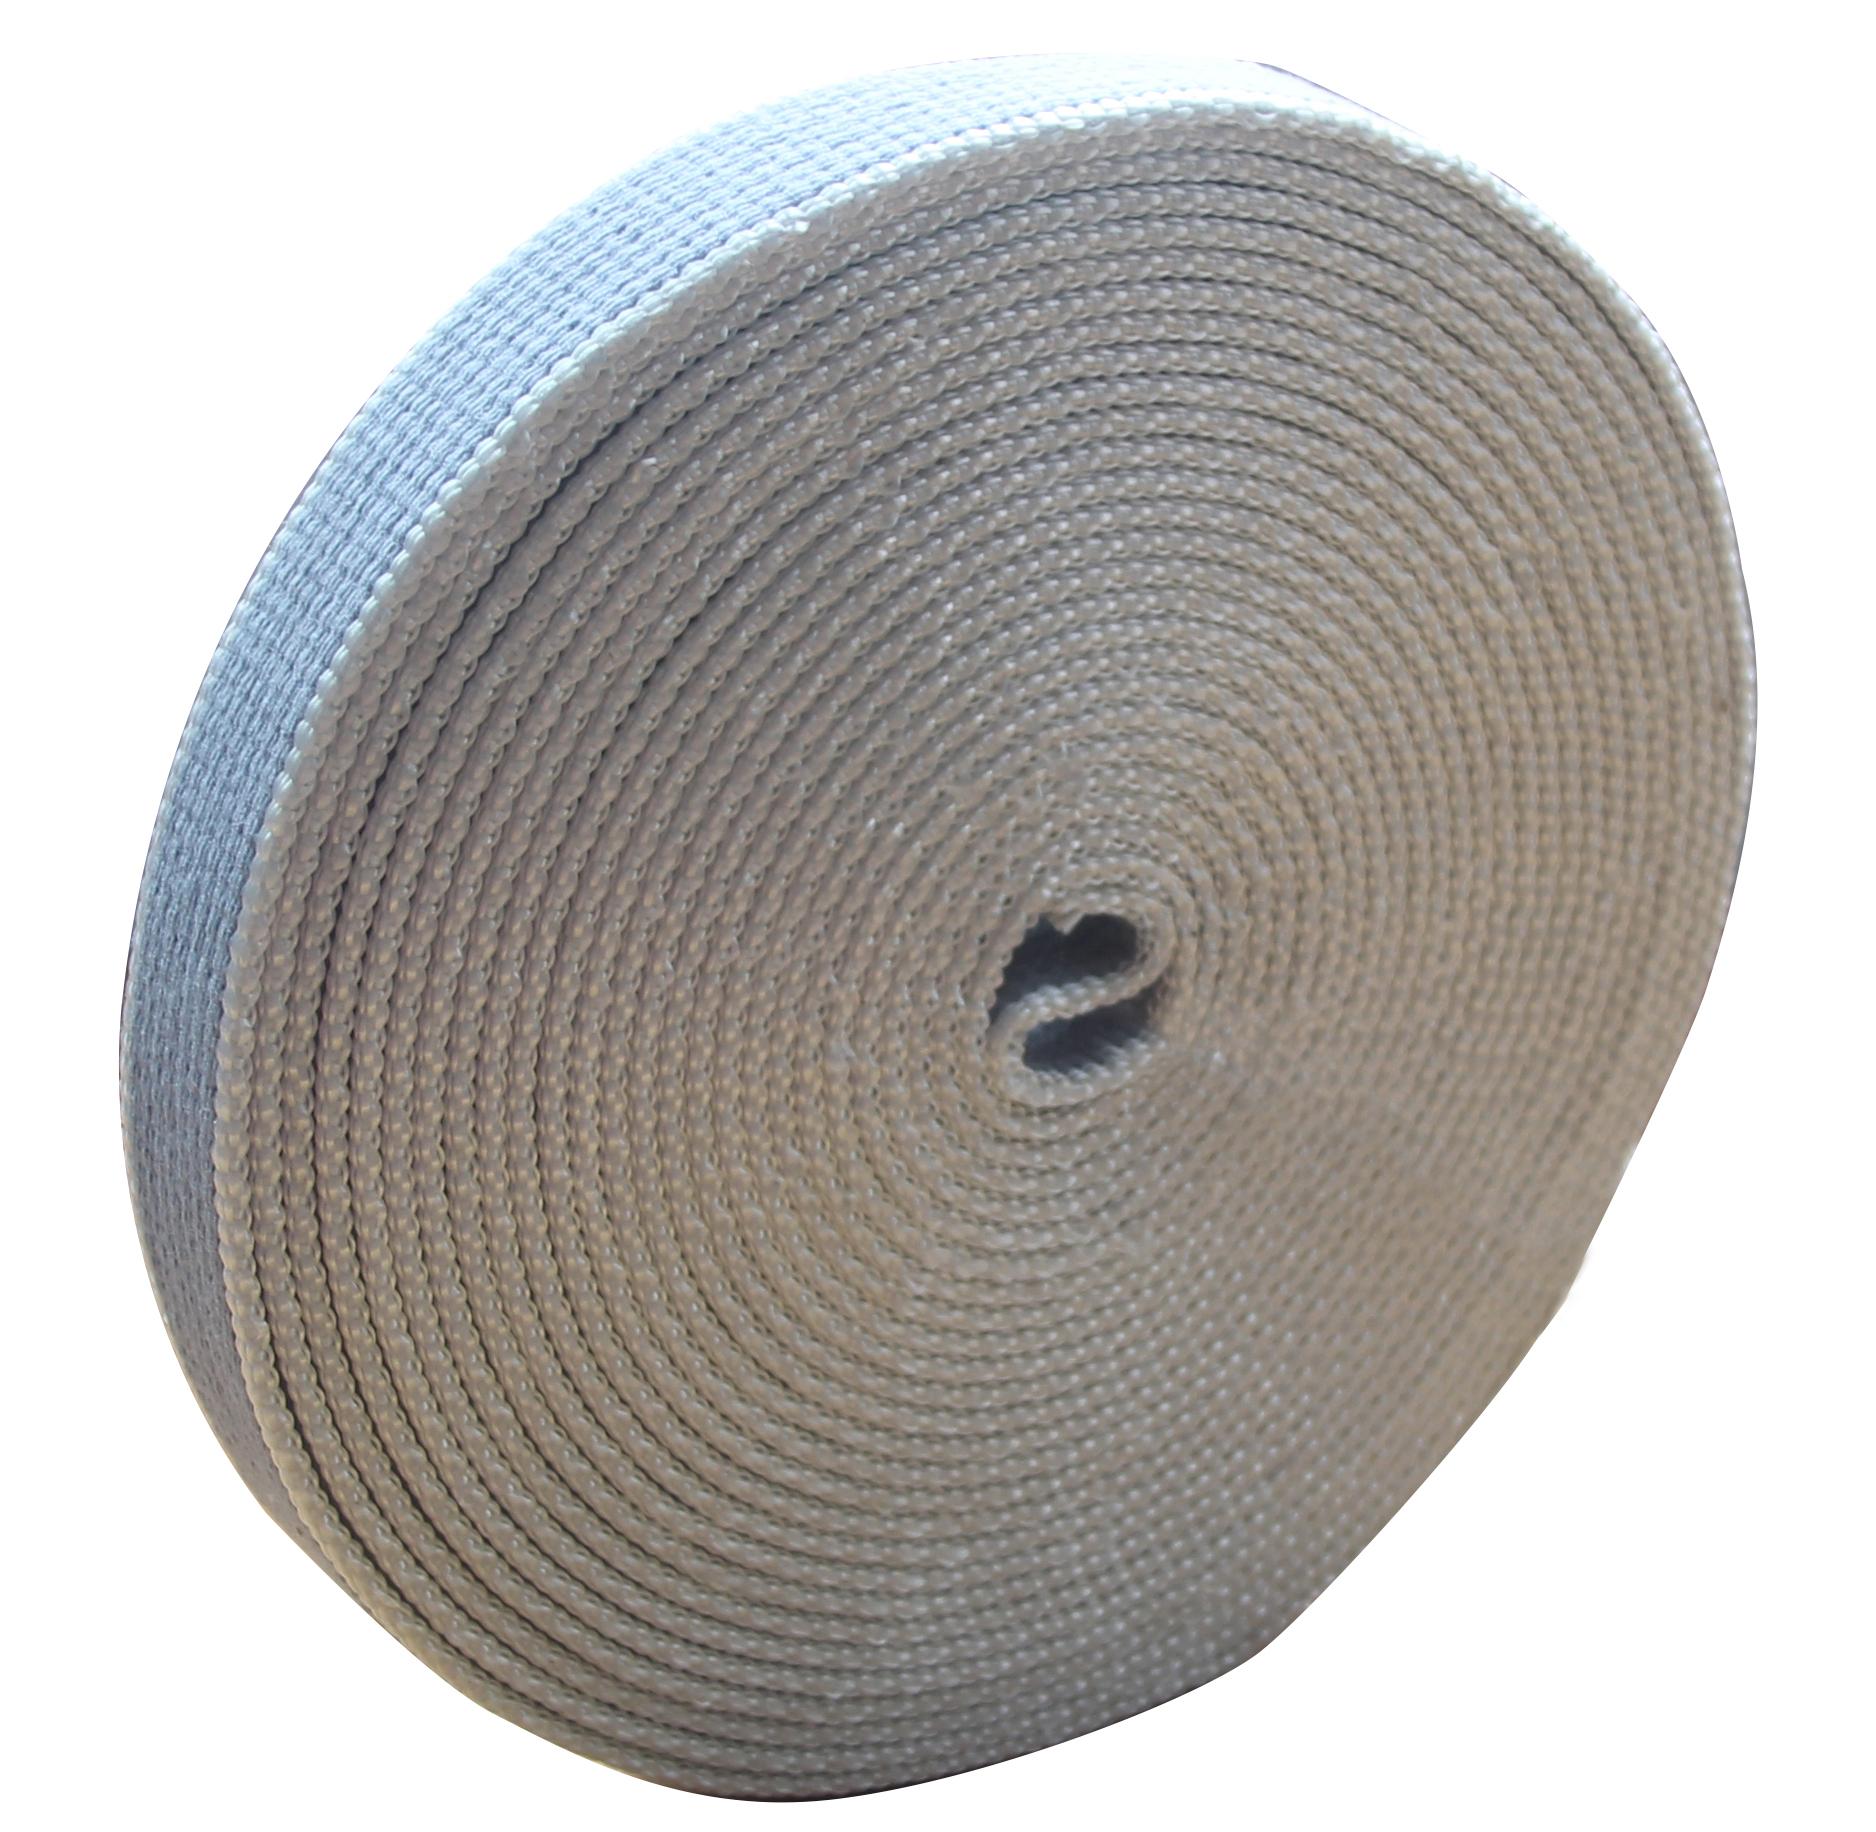 Gurtband Maxi 22mm 7 5m Baumwolle Grau F R Italien